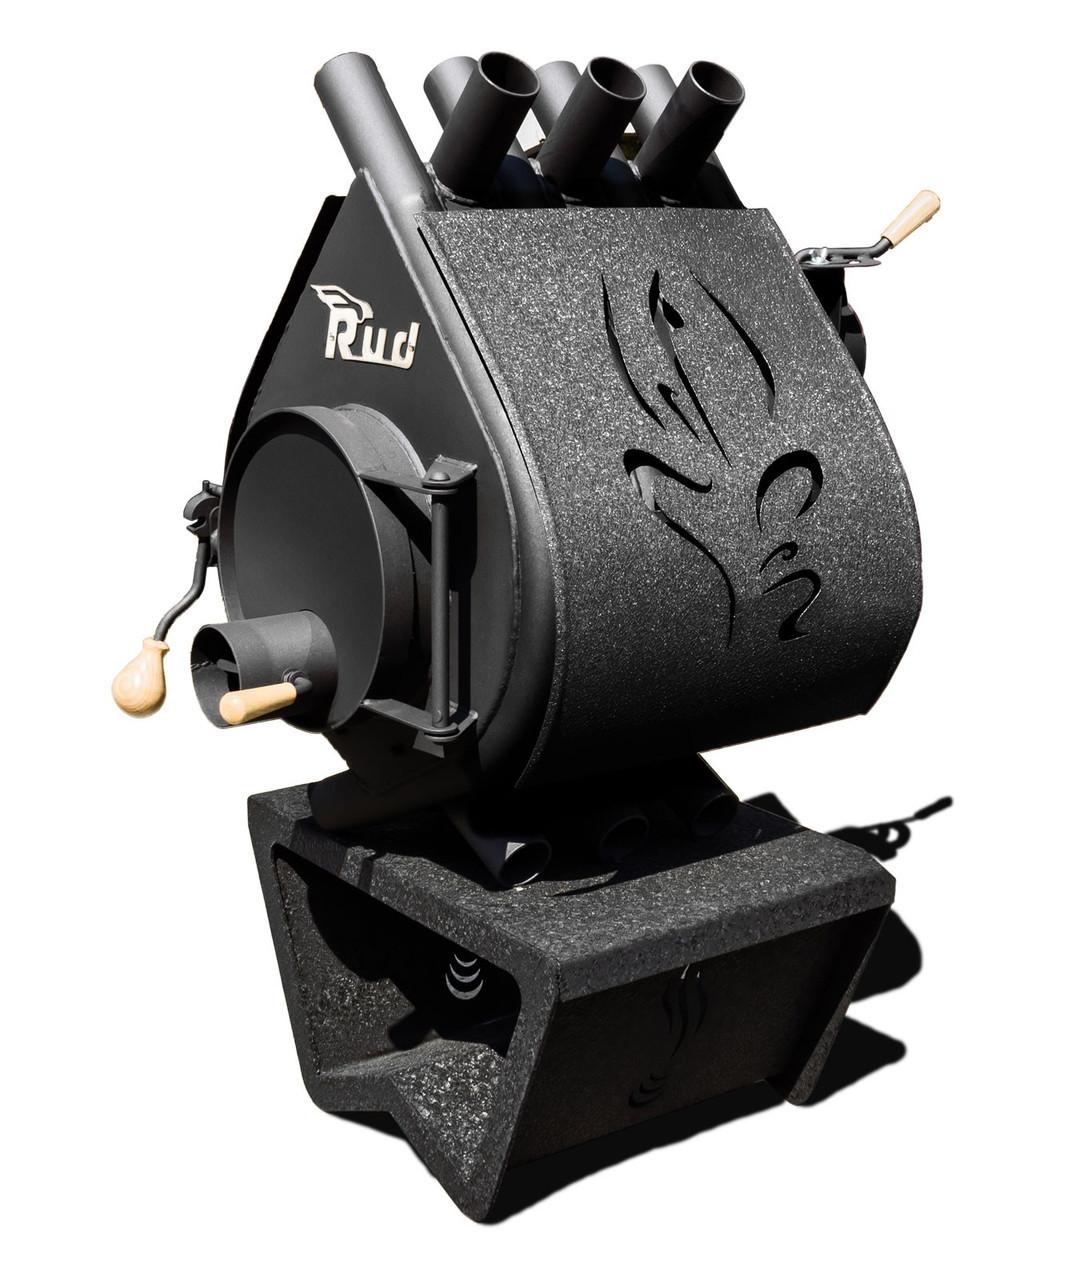 Опалювальна конвекційна піч Rud Pyrotron Кантрі 00 з декоративною обшивкою (чорна, коричнева, бордова)